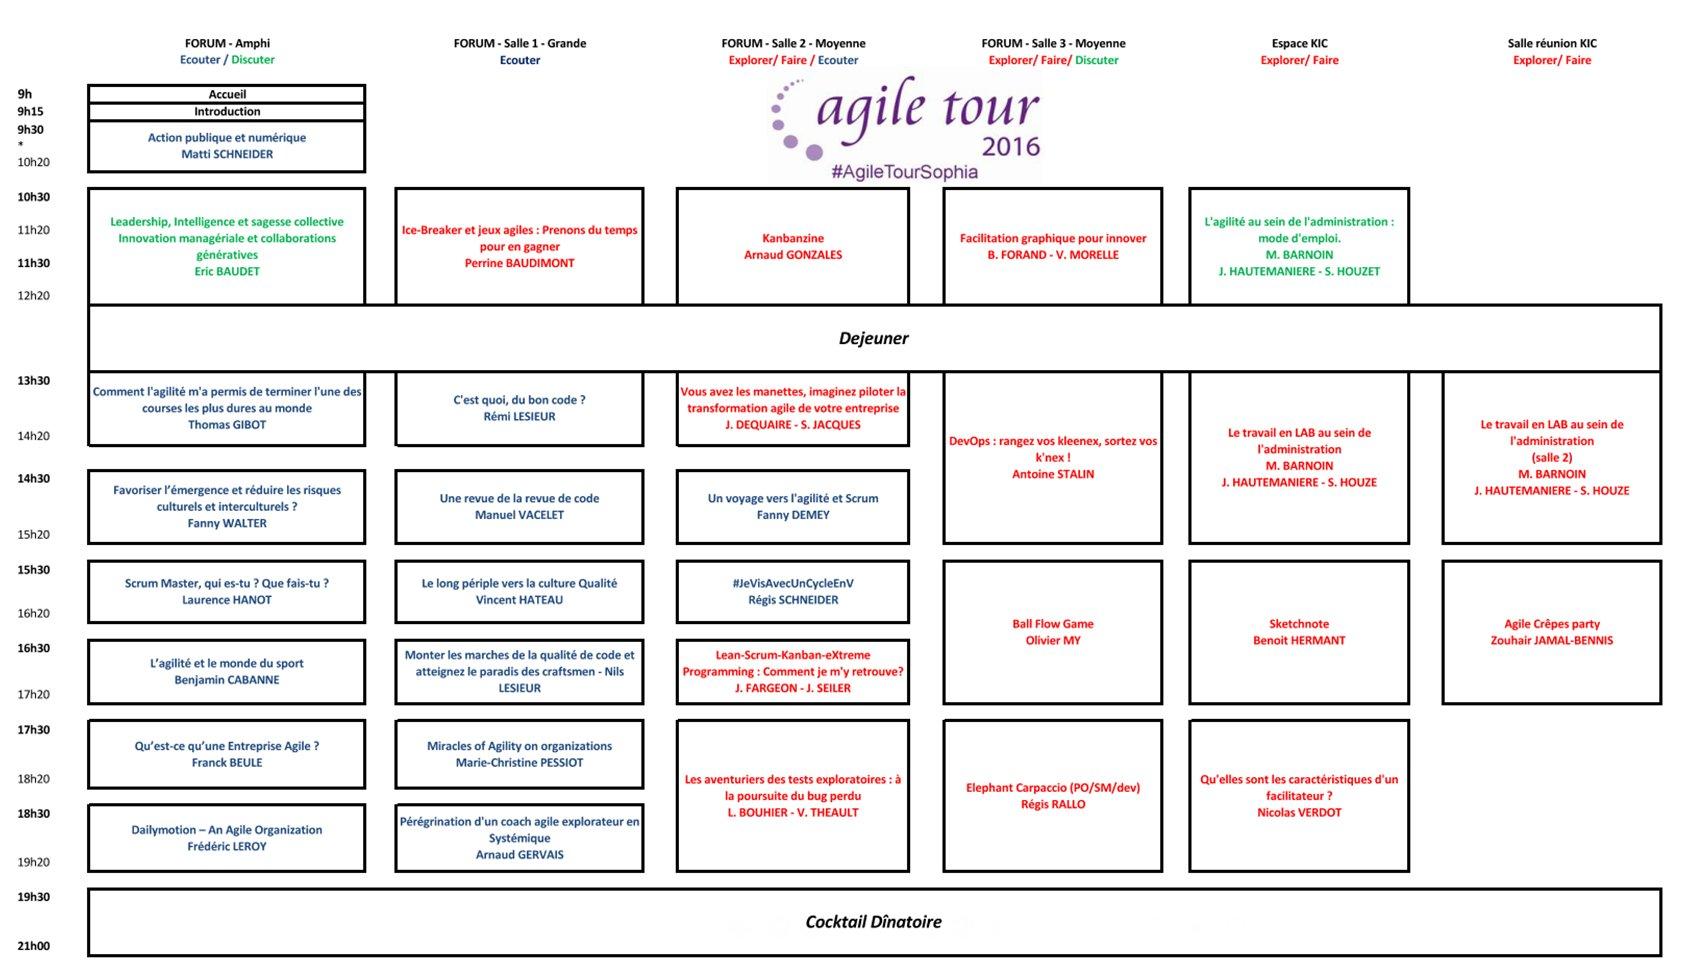 C'est aujourd'hui @AgileTourSophia , retrouvez moi à 13h30 pour l'atelier #DevOps https://t.co/L1ZksLQN97 https://t.co/4S5PK4scfi